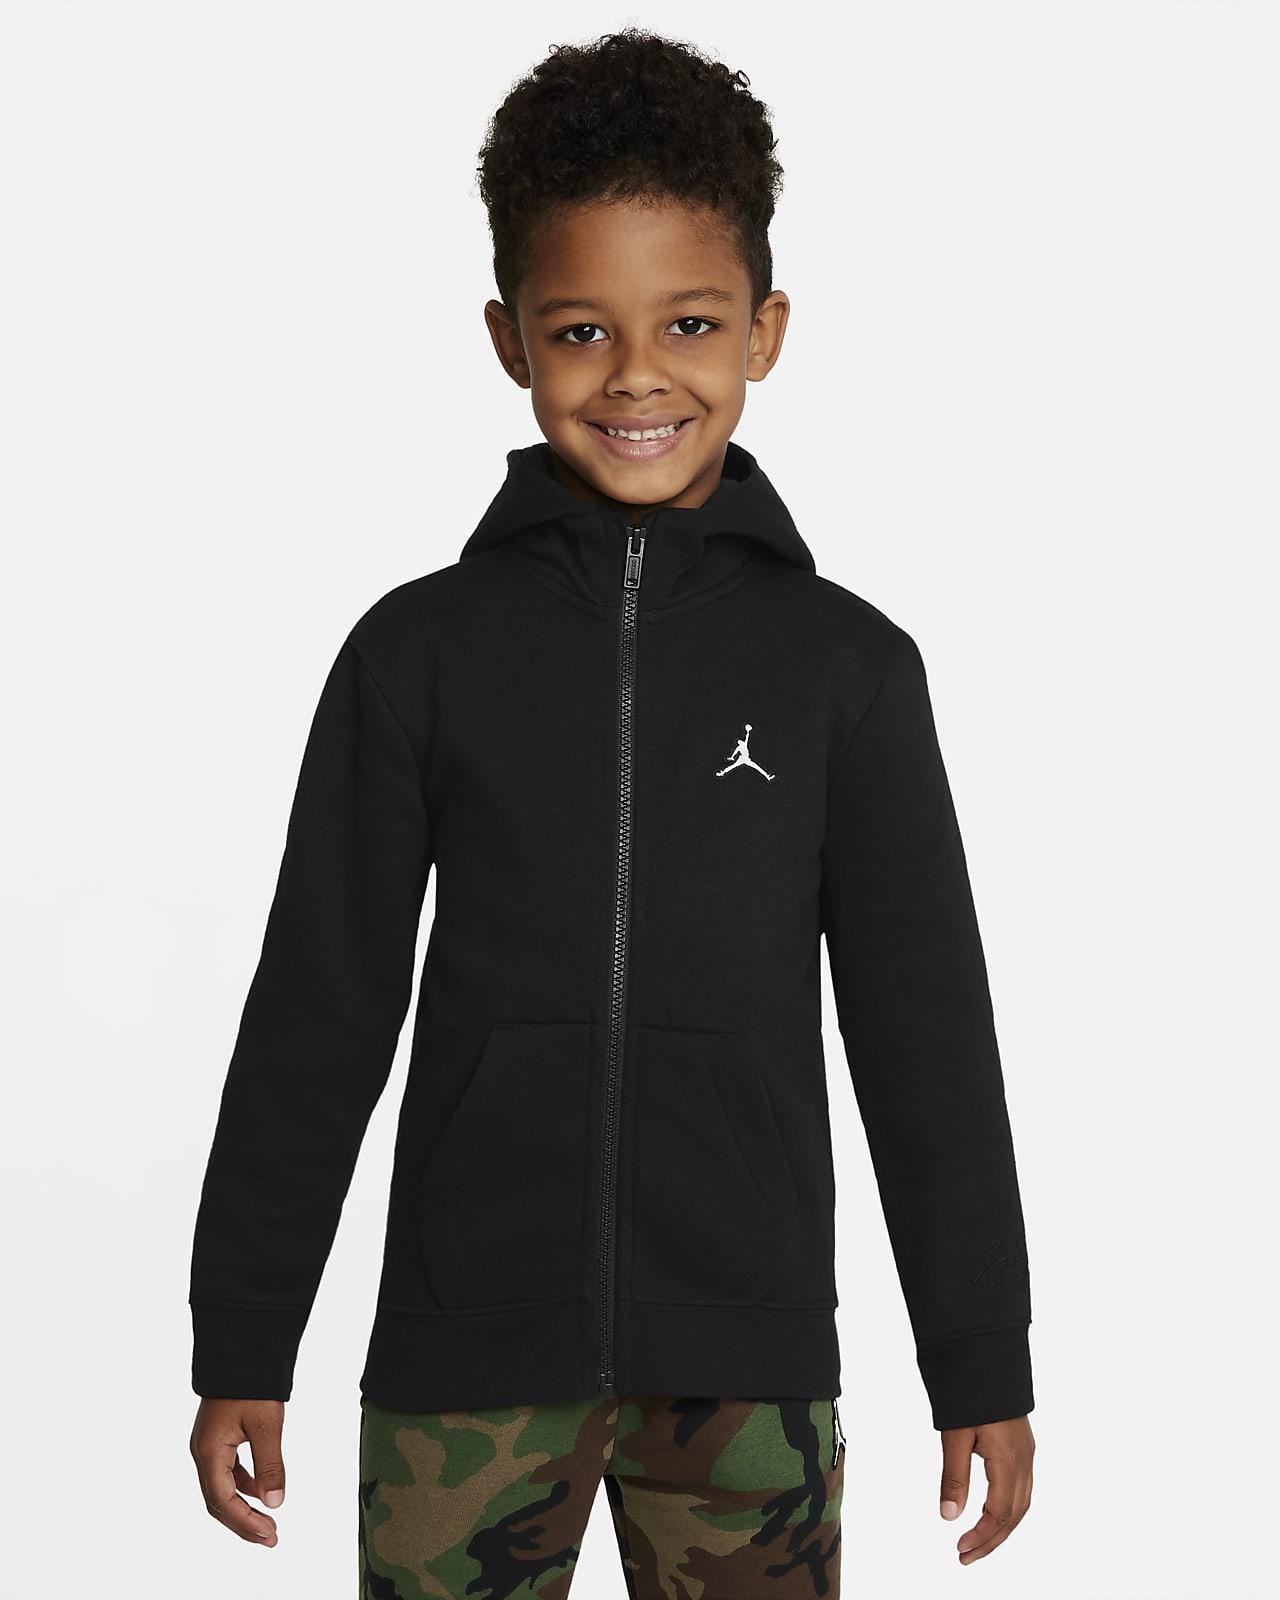 Jordan Little Kids' Full-Zip Hoodie